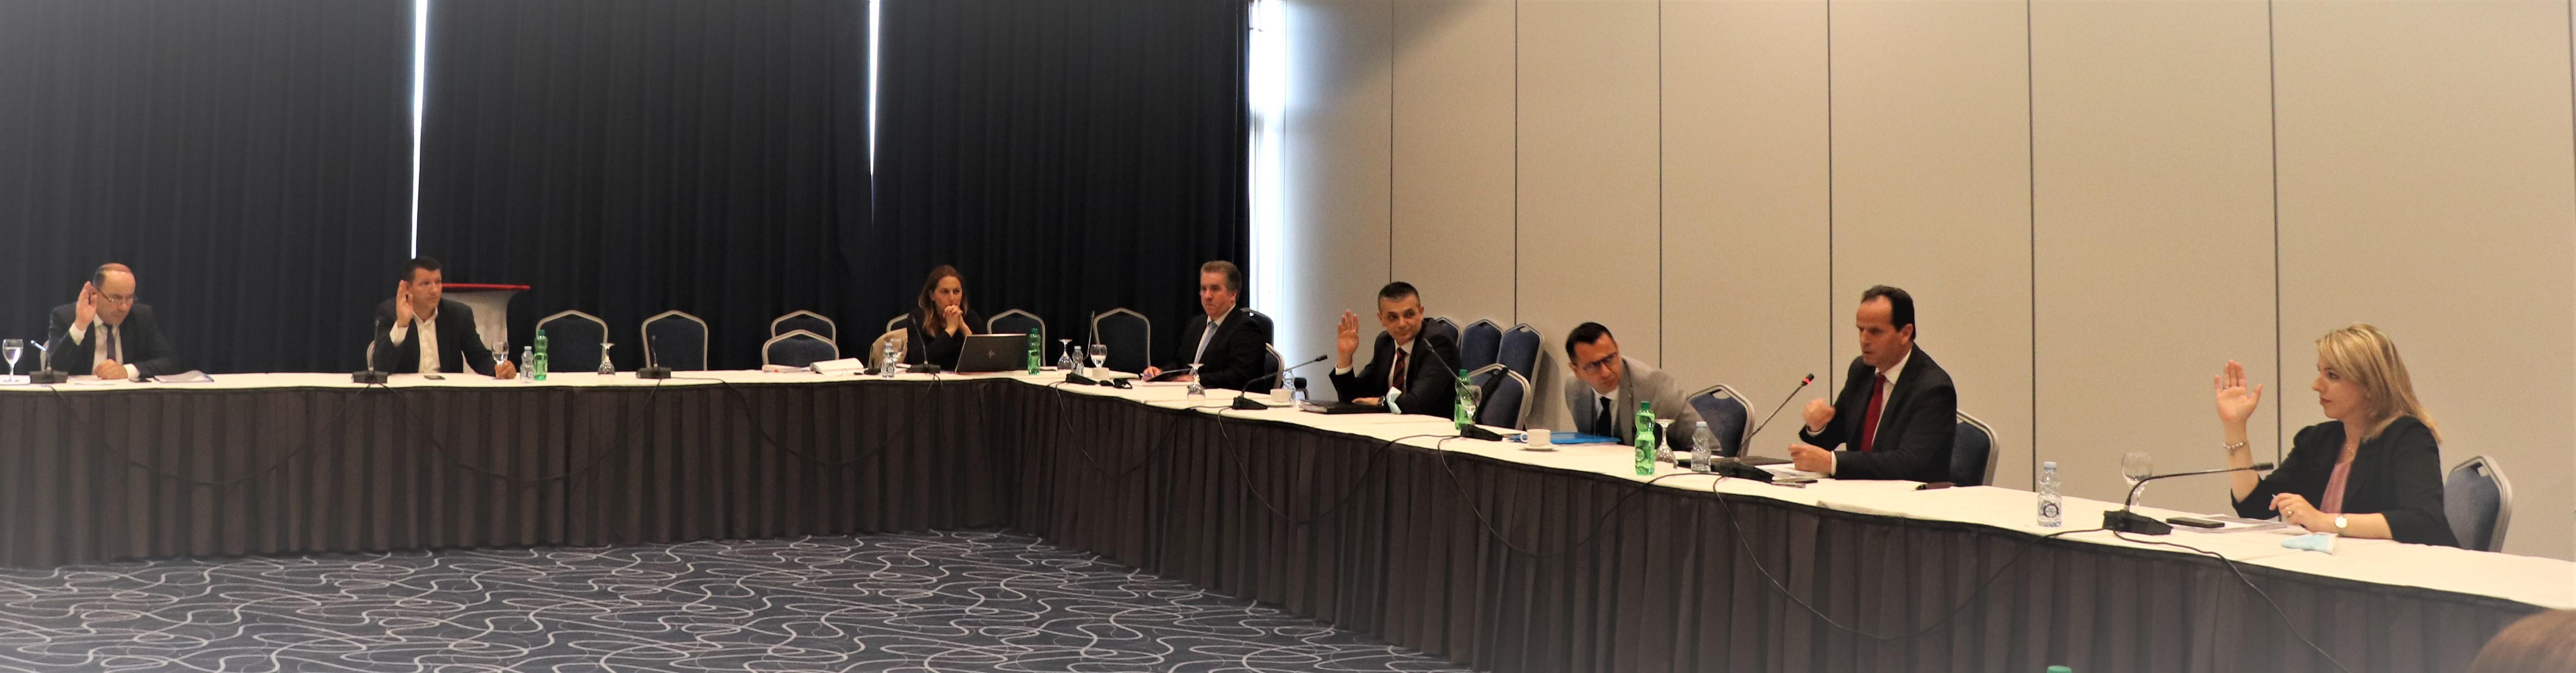 """Komisioni për Politikë Ndëshkimore finalizon draft-Udhëzuesin e veçantë """"Korrupsioni zyrtar dhe veprat penale kundër detyrës zyrtare"""""""